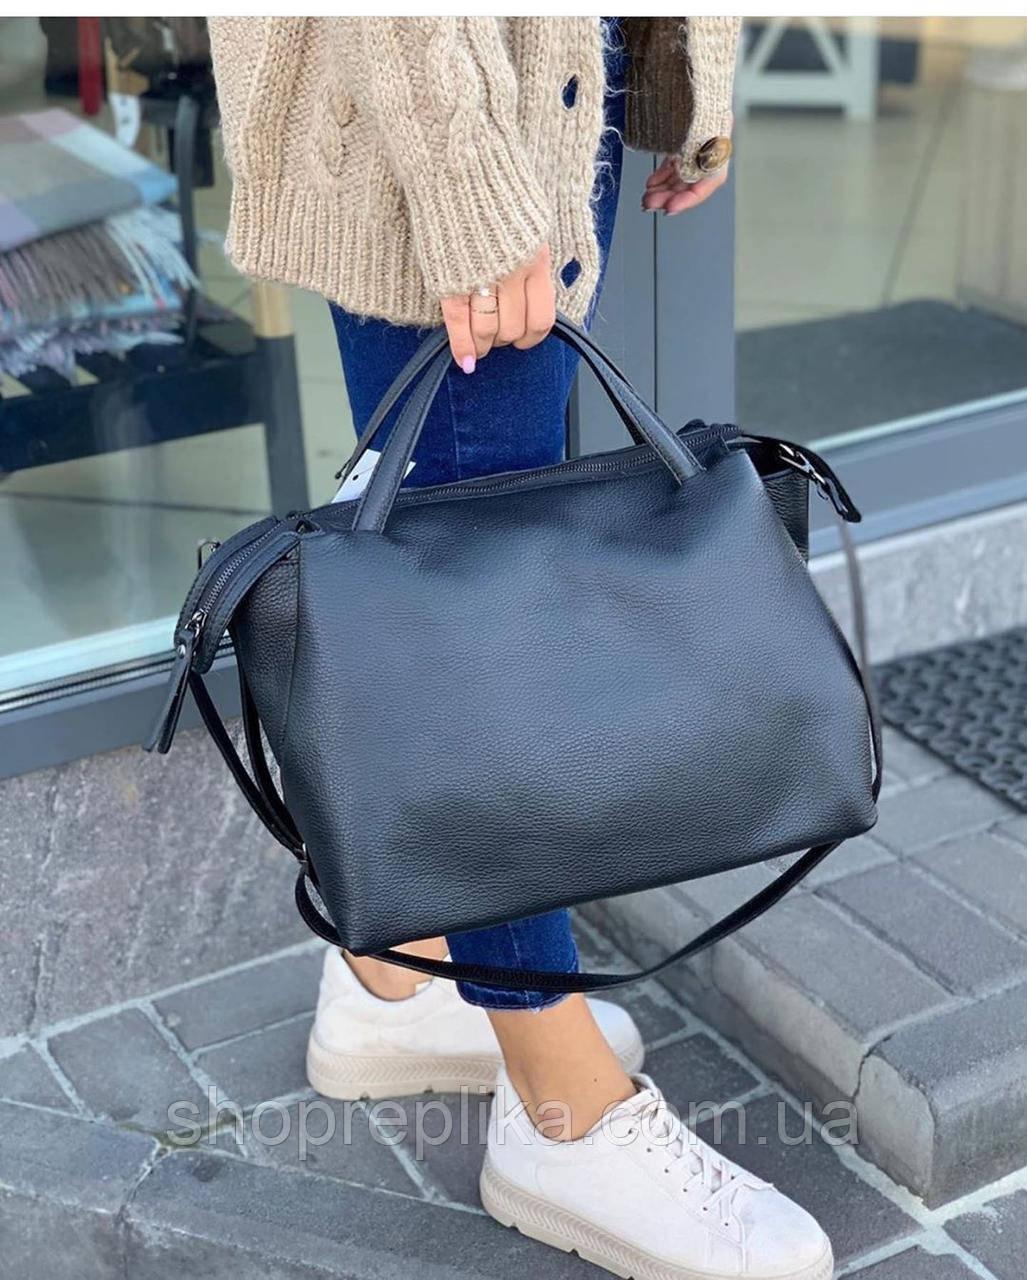 Сумка через плечо женская большая кожаная шоппер Италия lux  Italy сумка из натуральной кожи